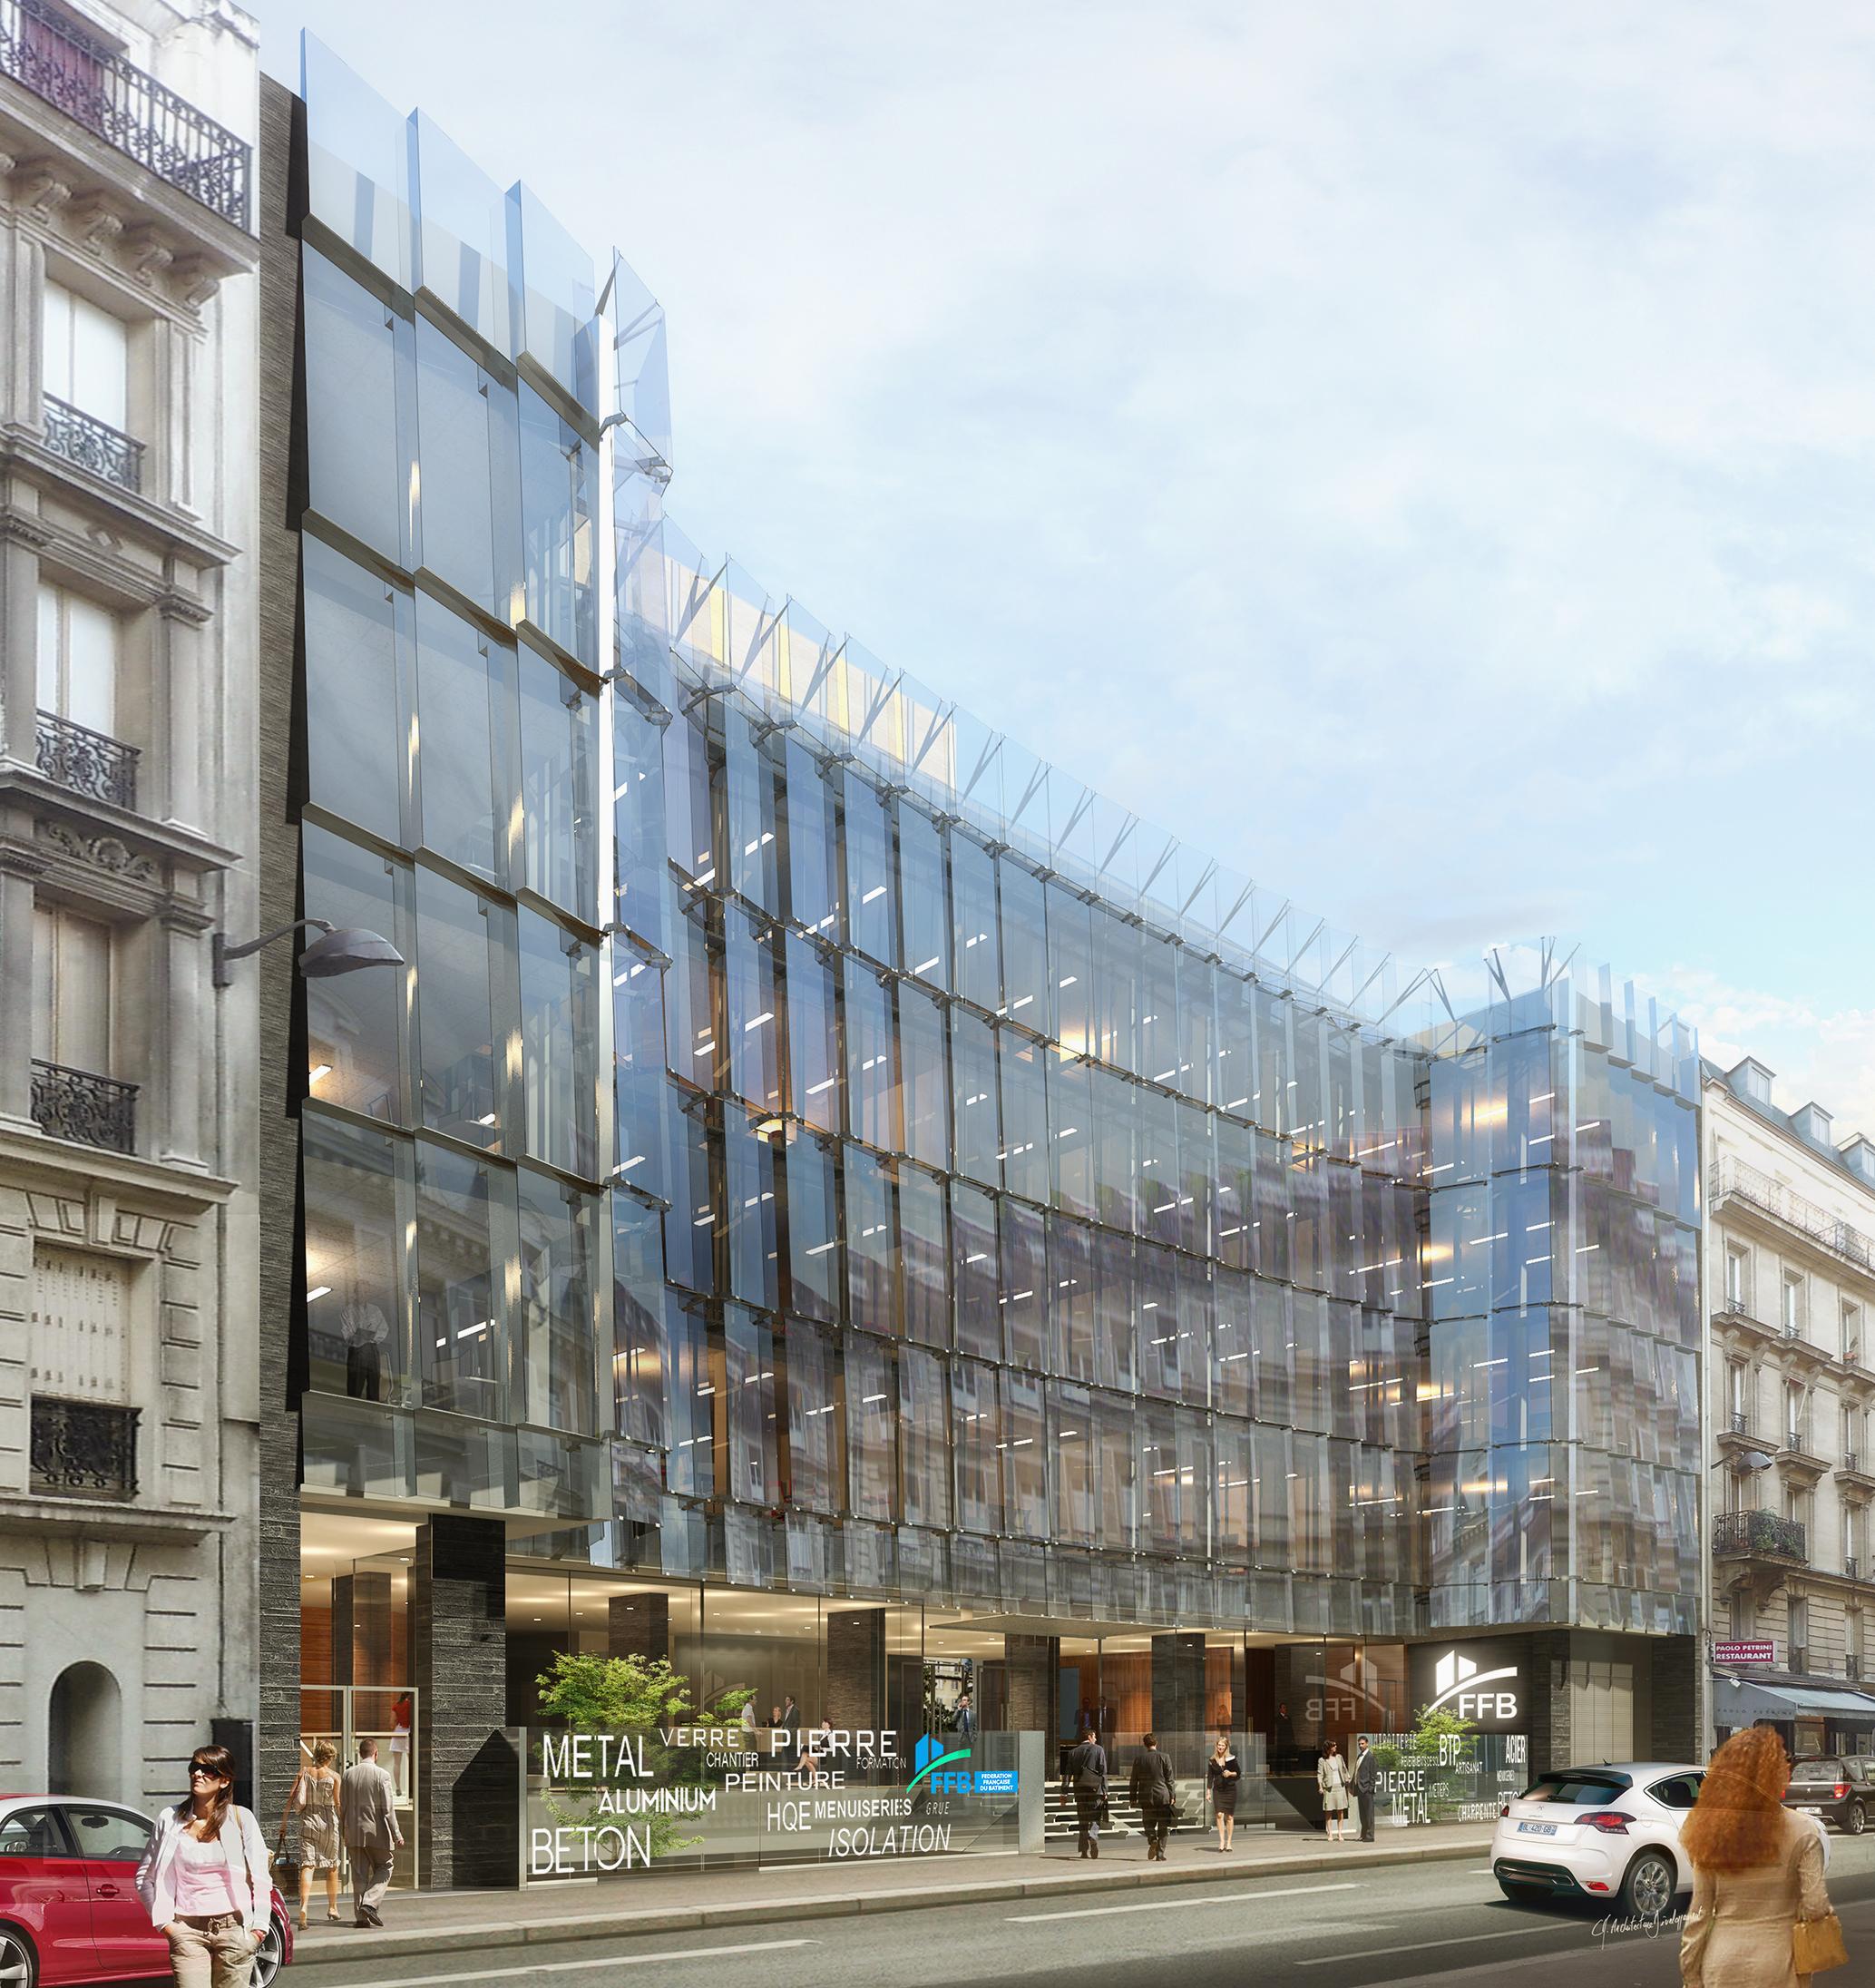 BUREAUX FFB PARIS